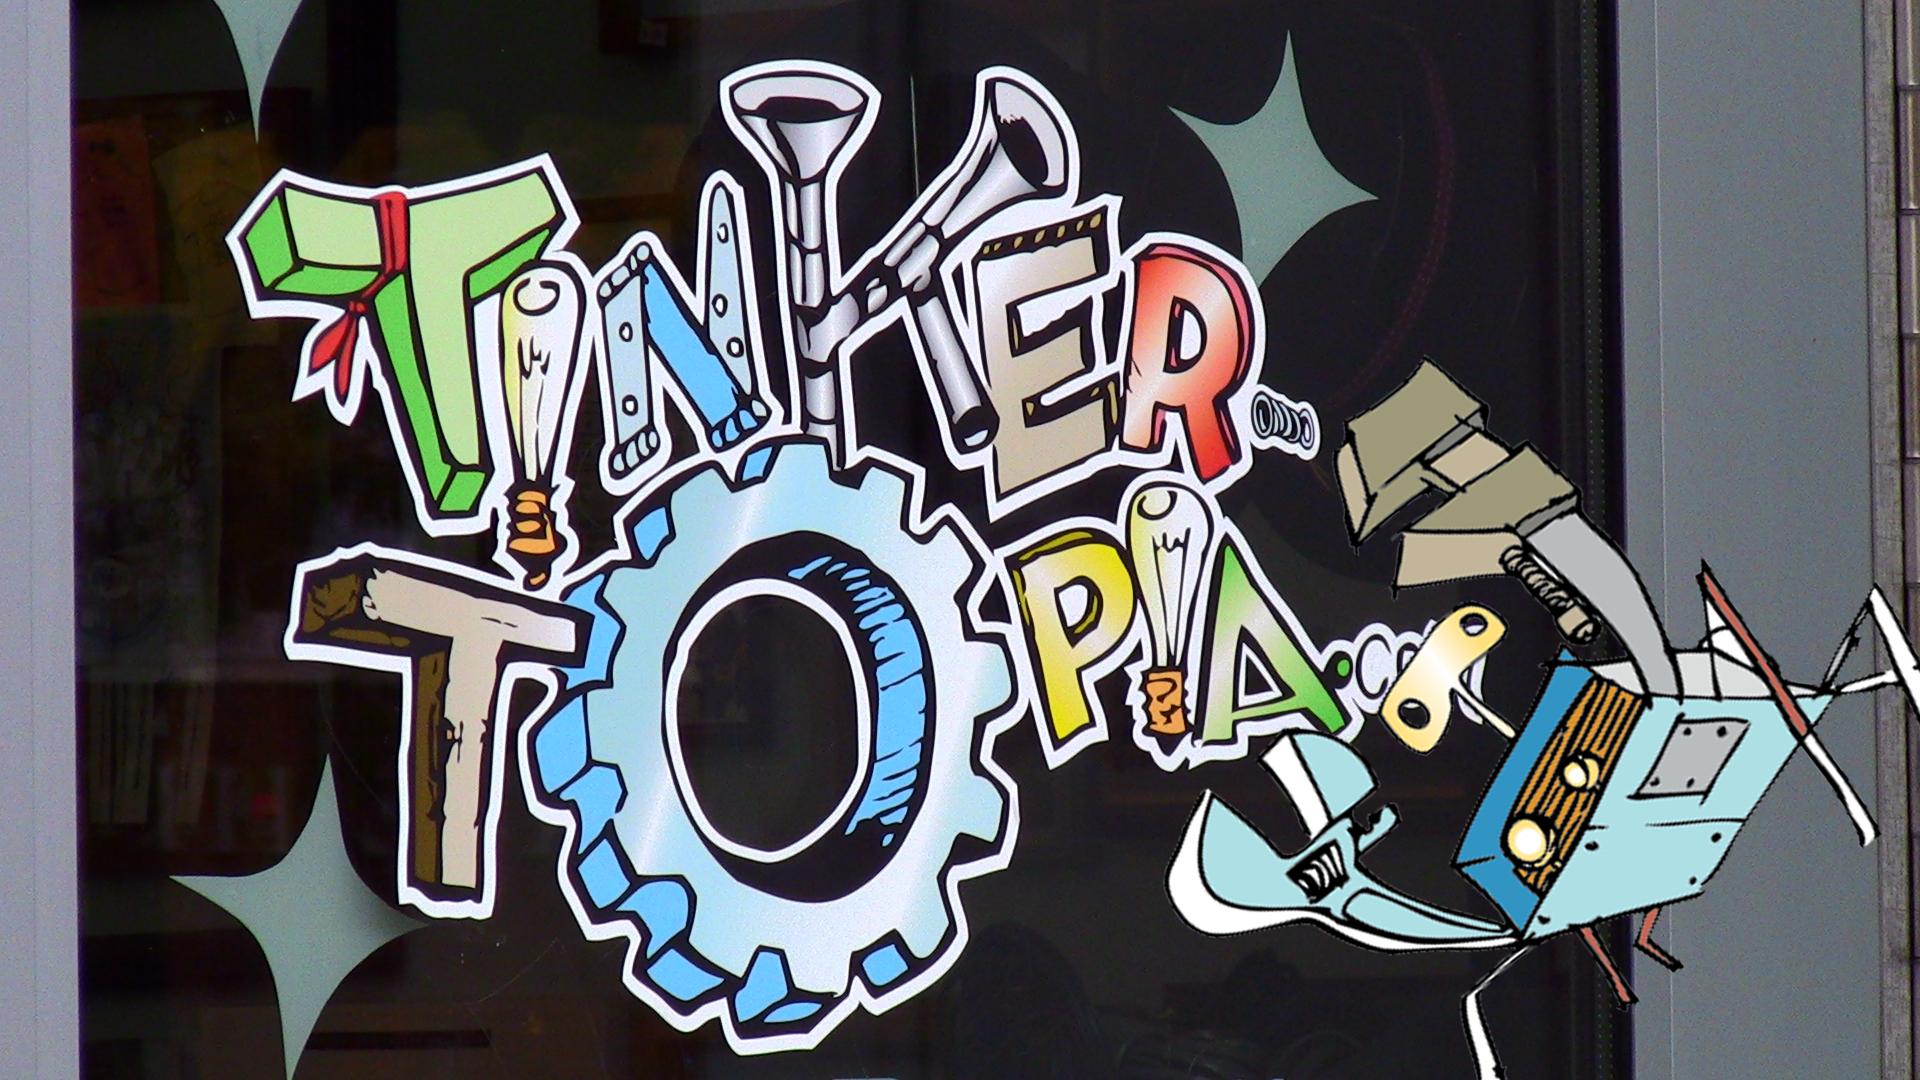 2013-10-16 Tinkertopia